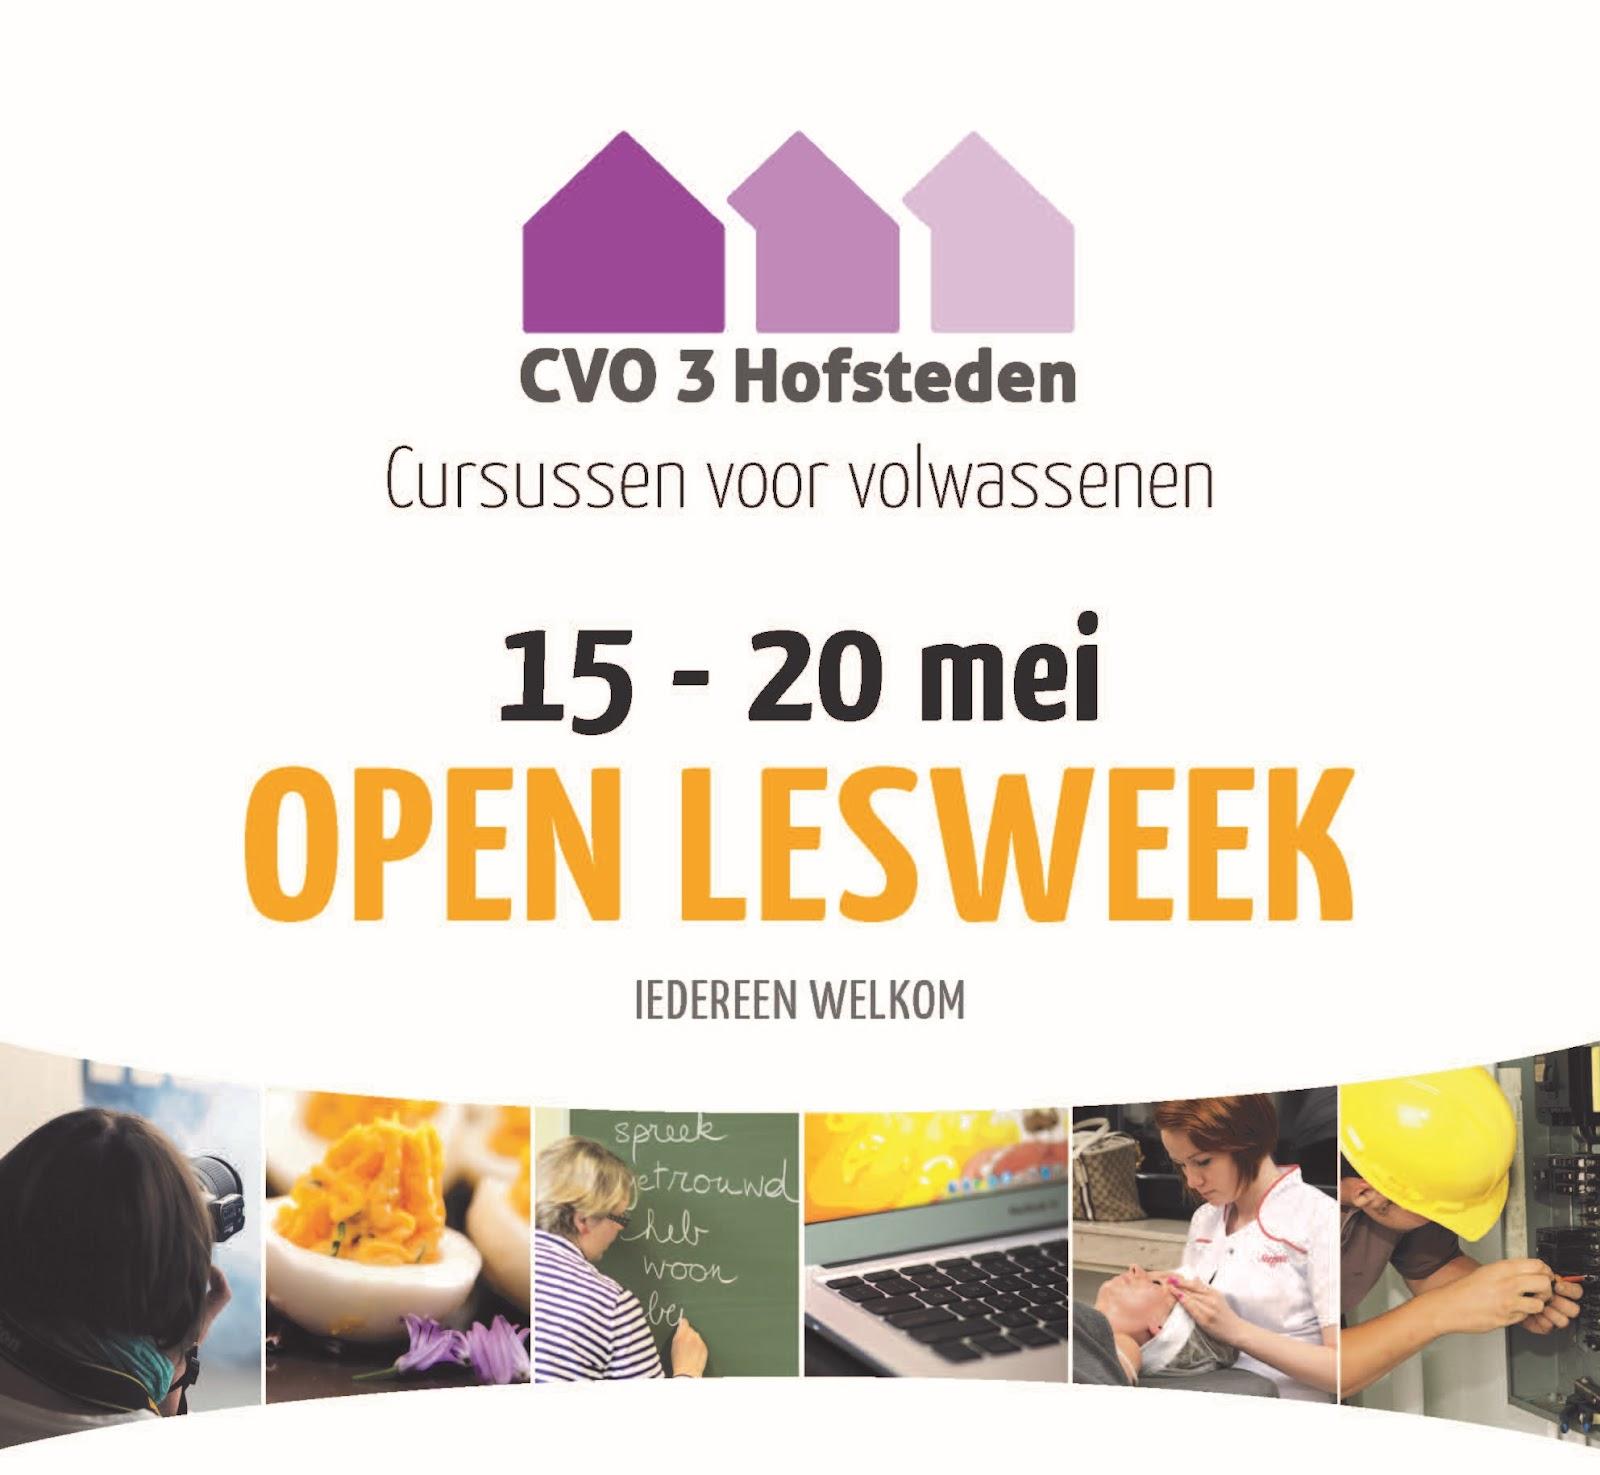 2017-03-20 Open Lesweek 2017 flyer geknipt.jpg